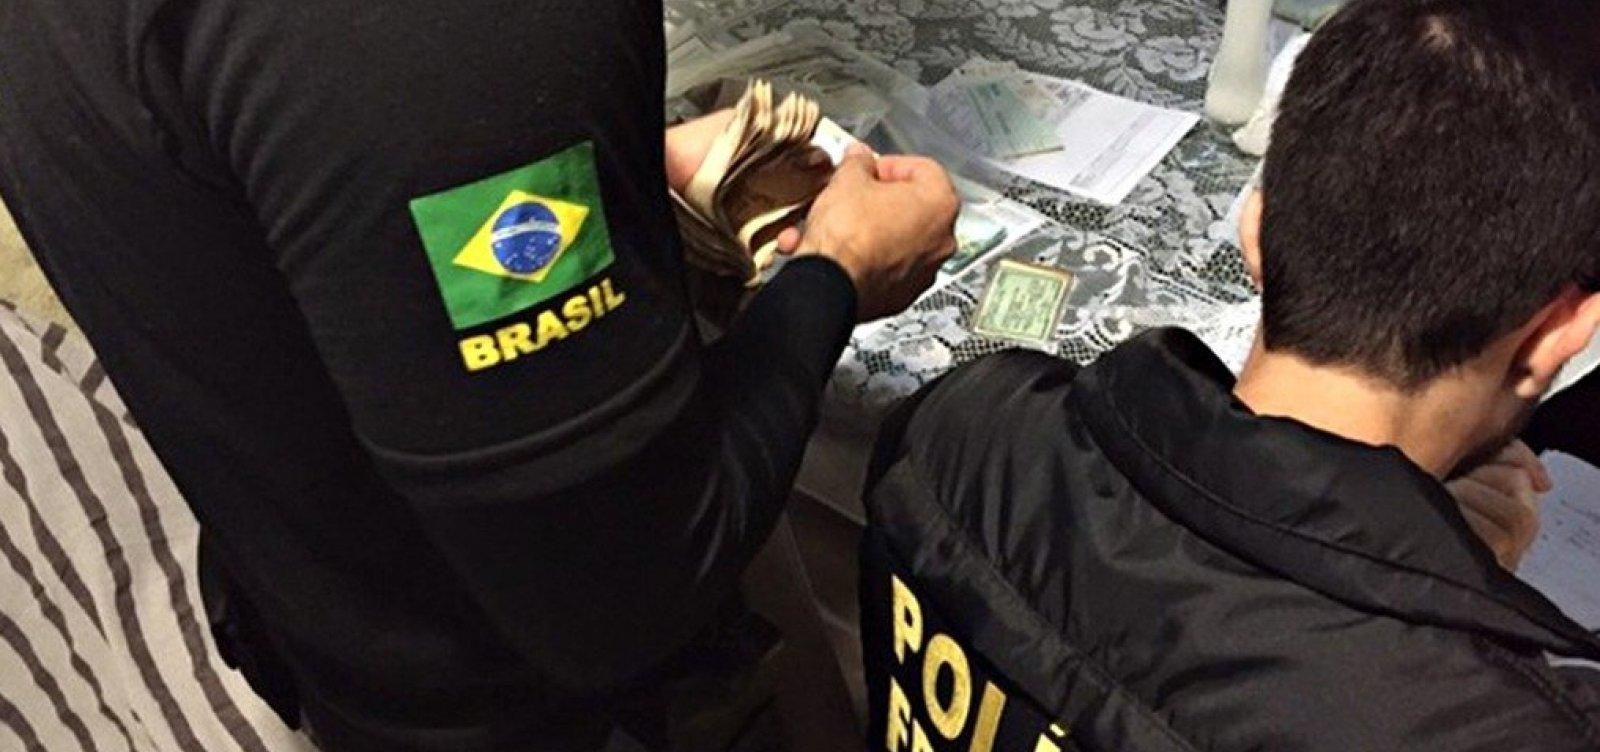 [Polícia Federal deflagra a 56ª fase da Operação Lava Jato; há buscas na Bahia]